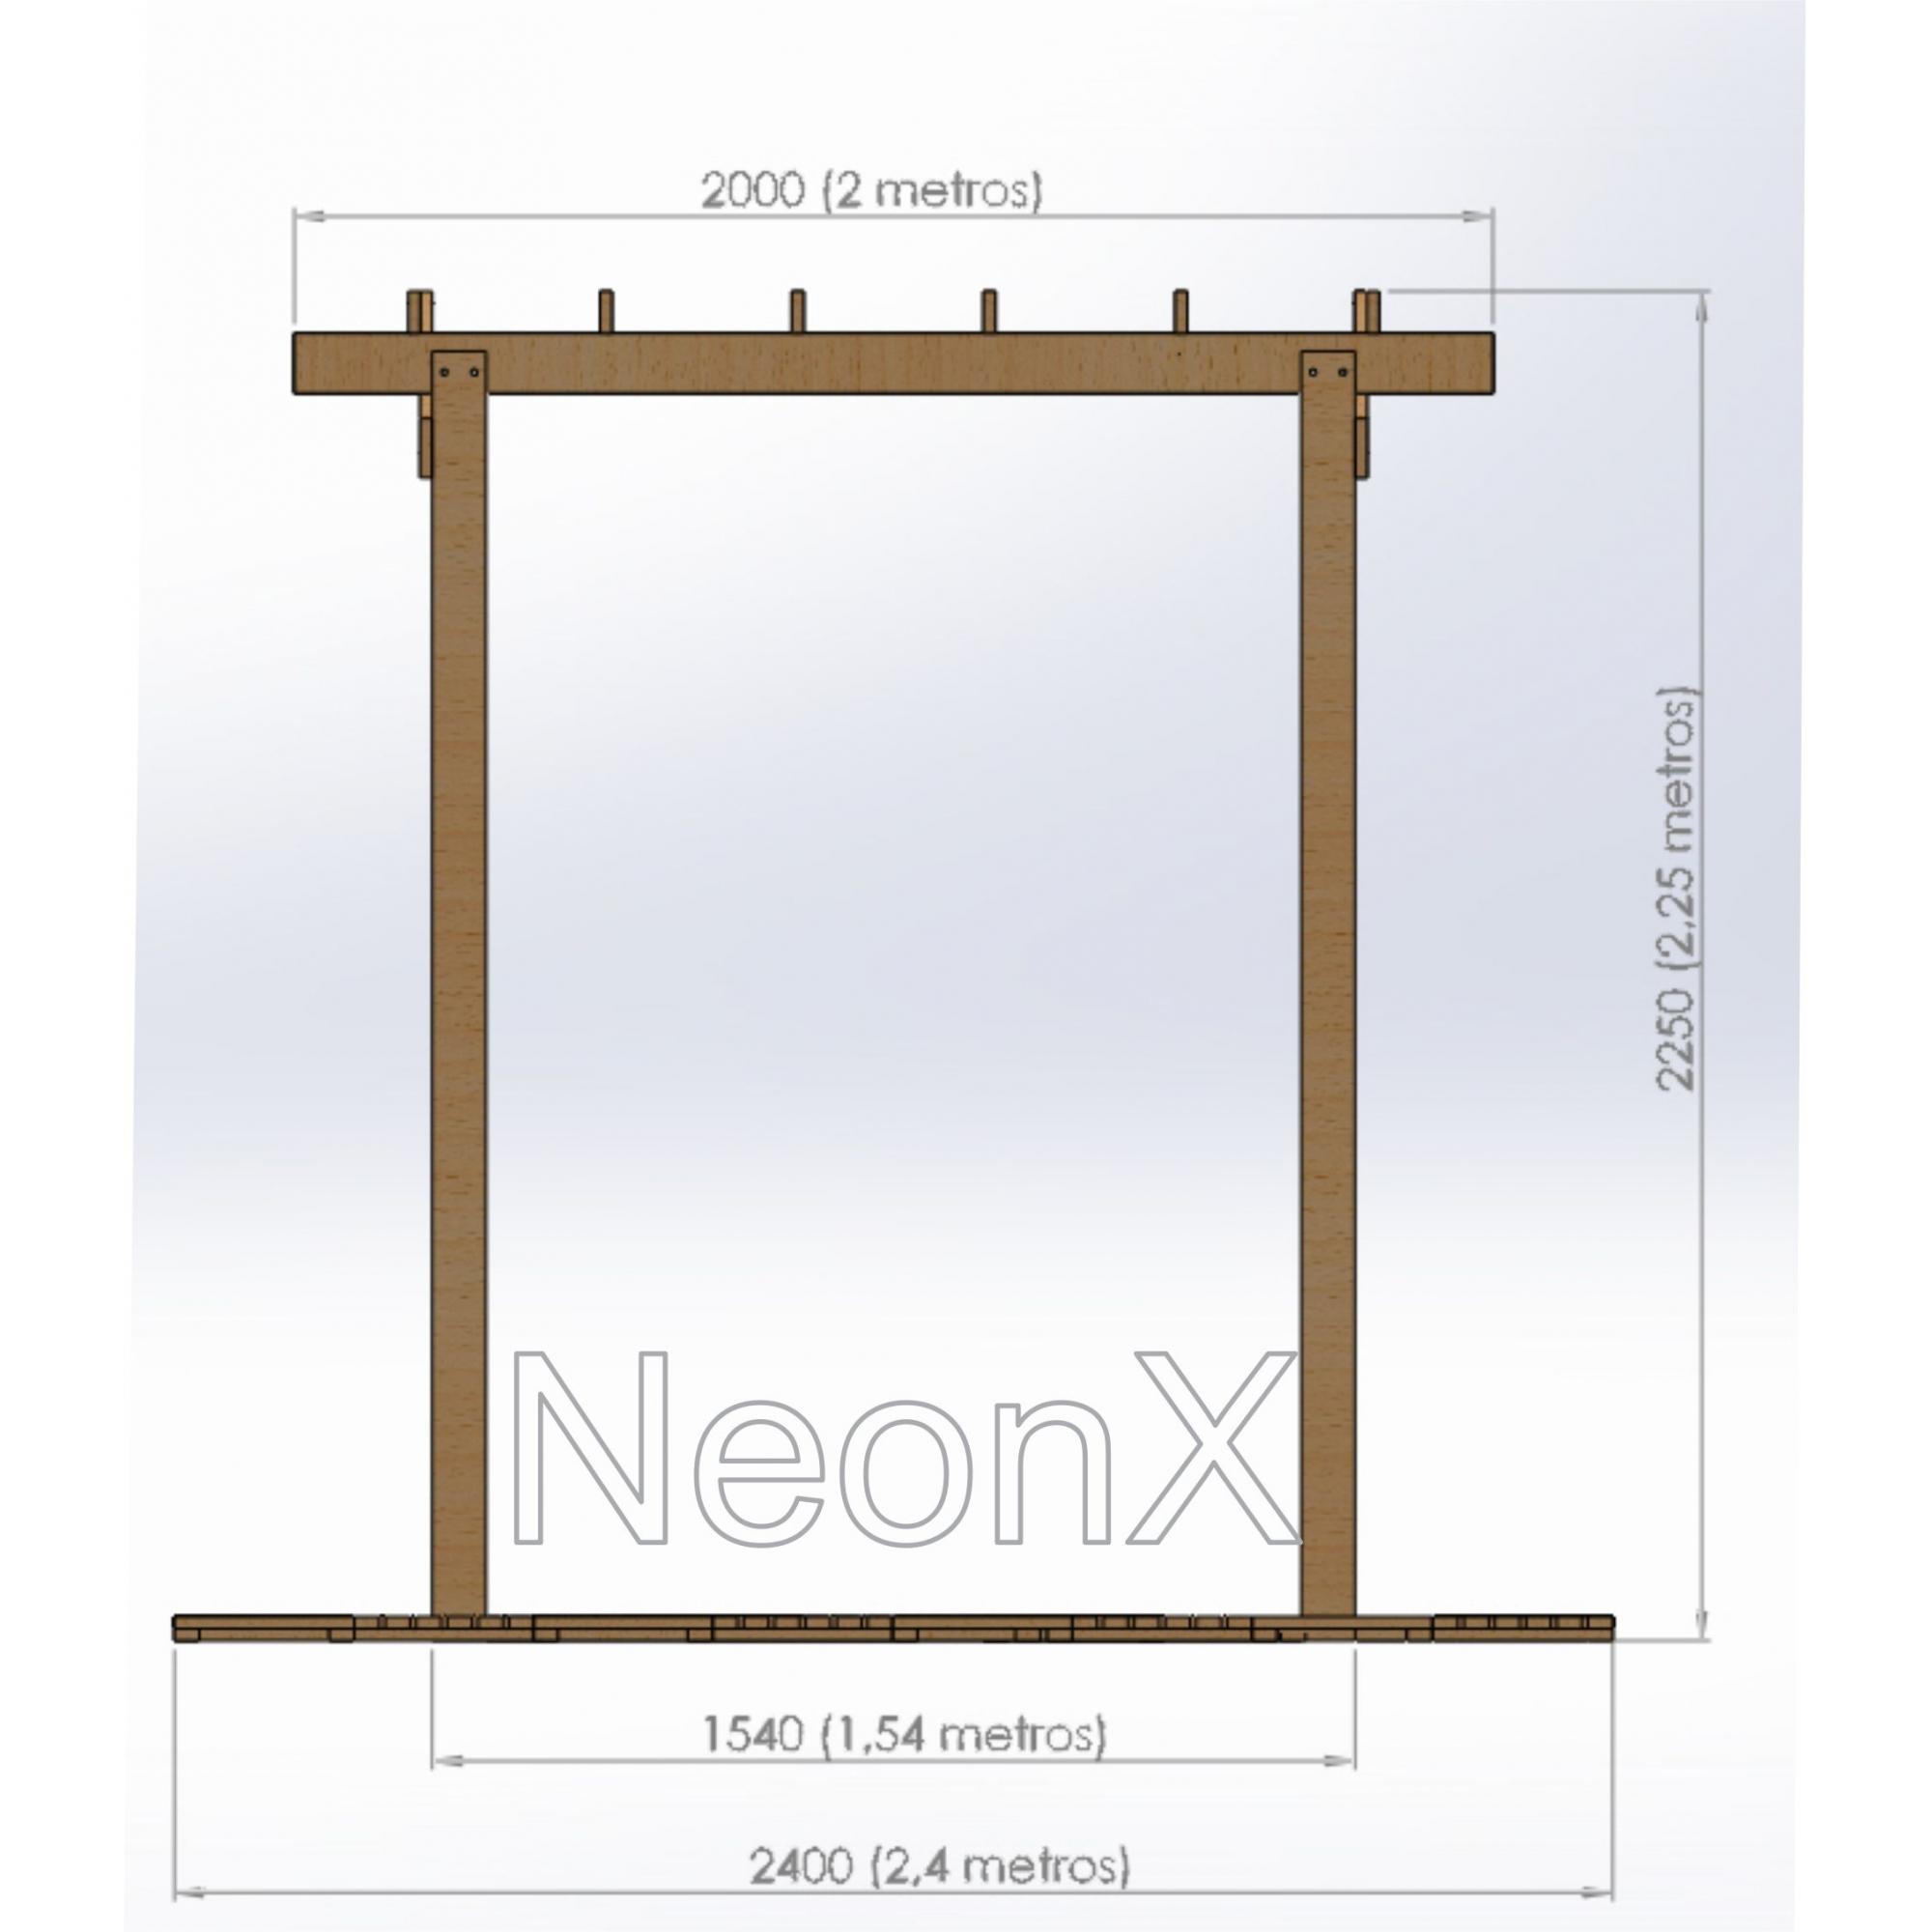 Pergolado Madeira Maciça 2x1,5 m Desmontável Completo e Compacto Com Mini Decks NeonX